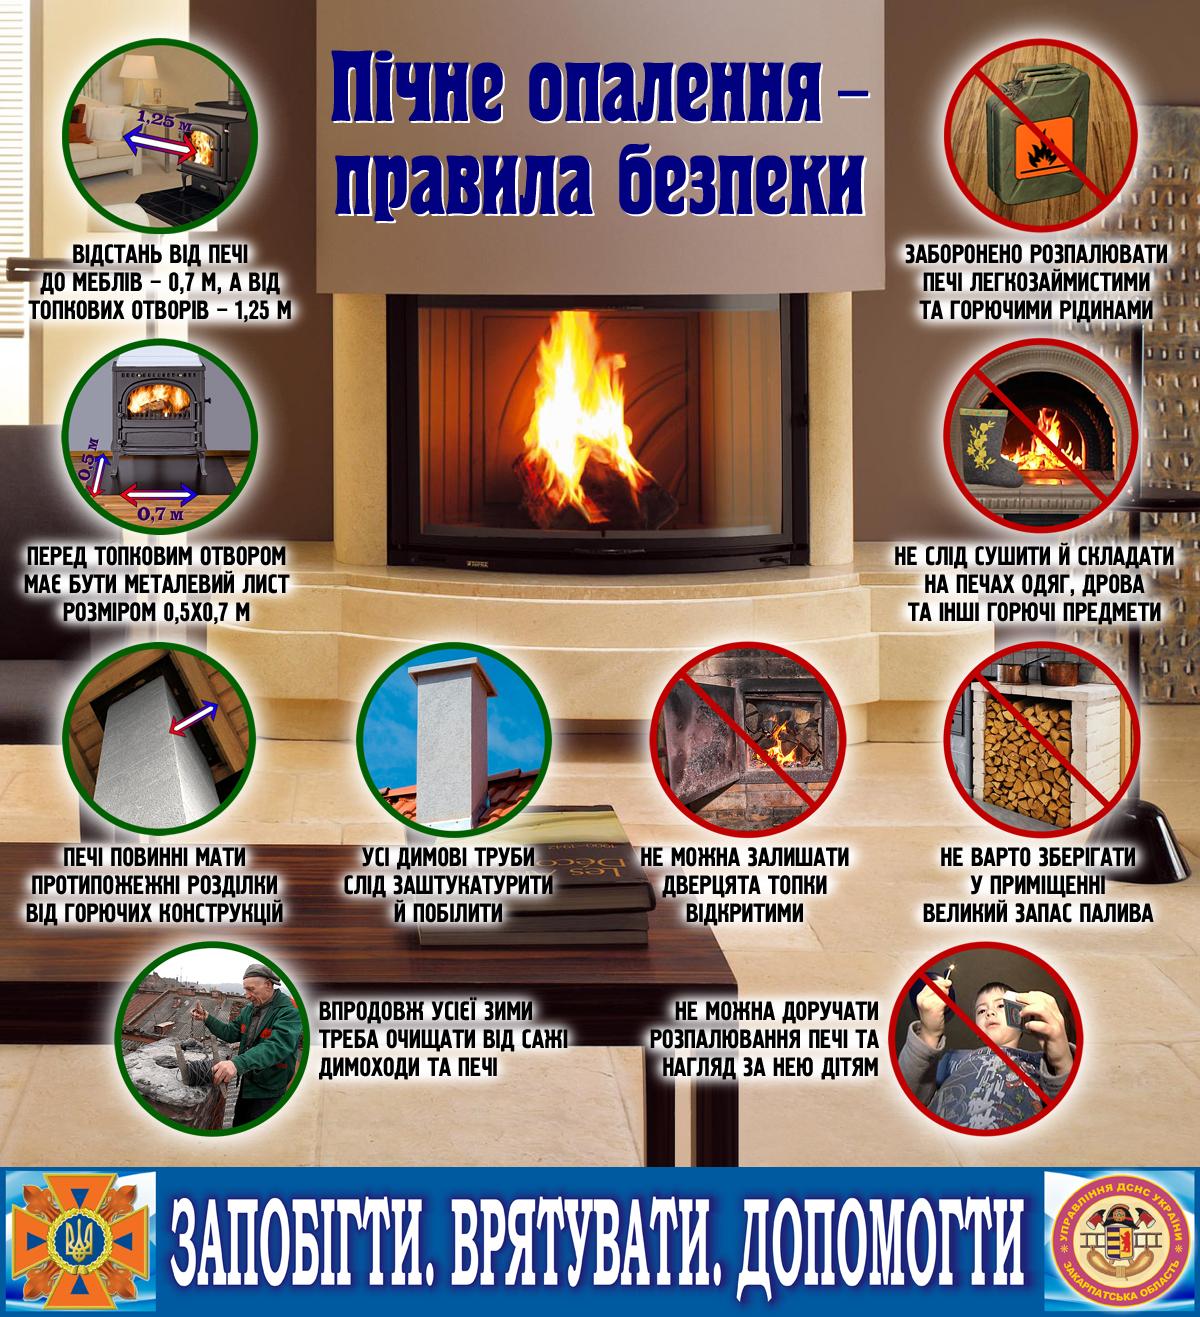 Пічне опалення — правила безпеки